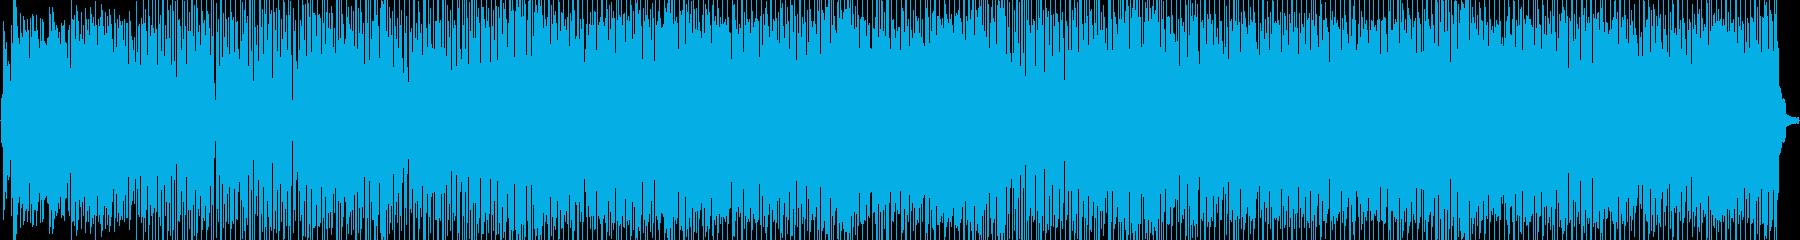 ポップ 。メロディック。ソングライ...の再生済みの波形